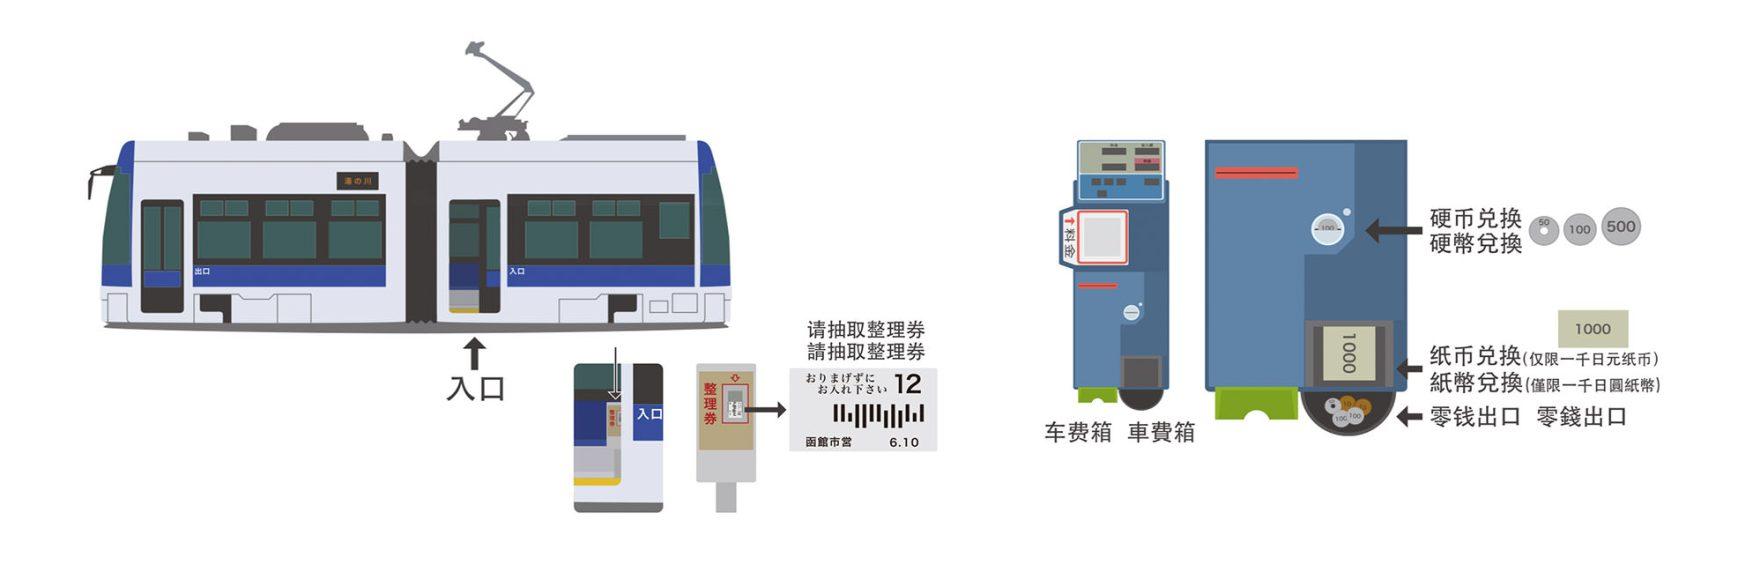 函館市電乘車方式